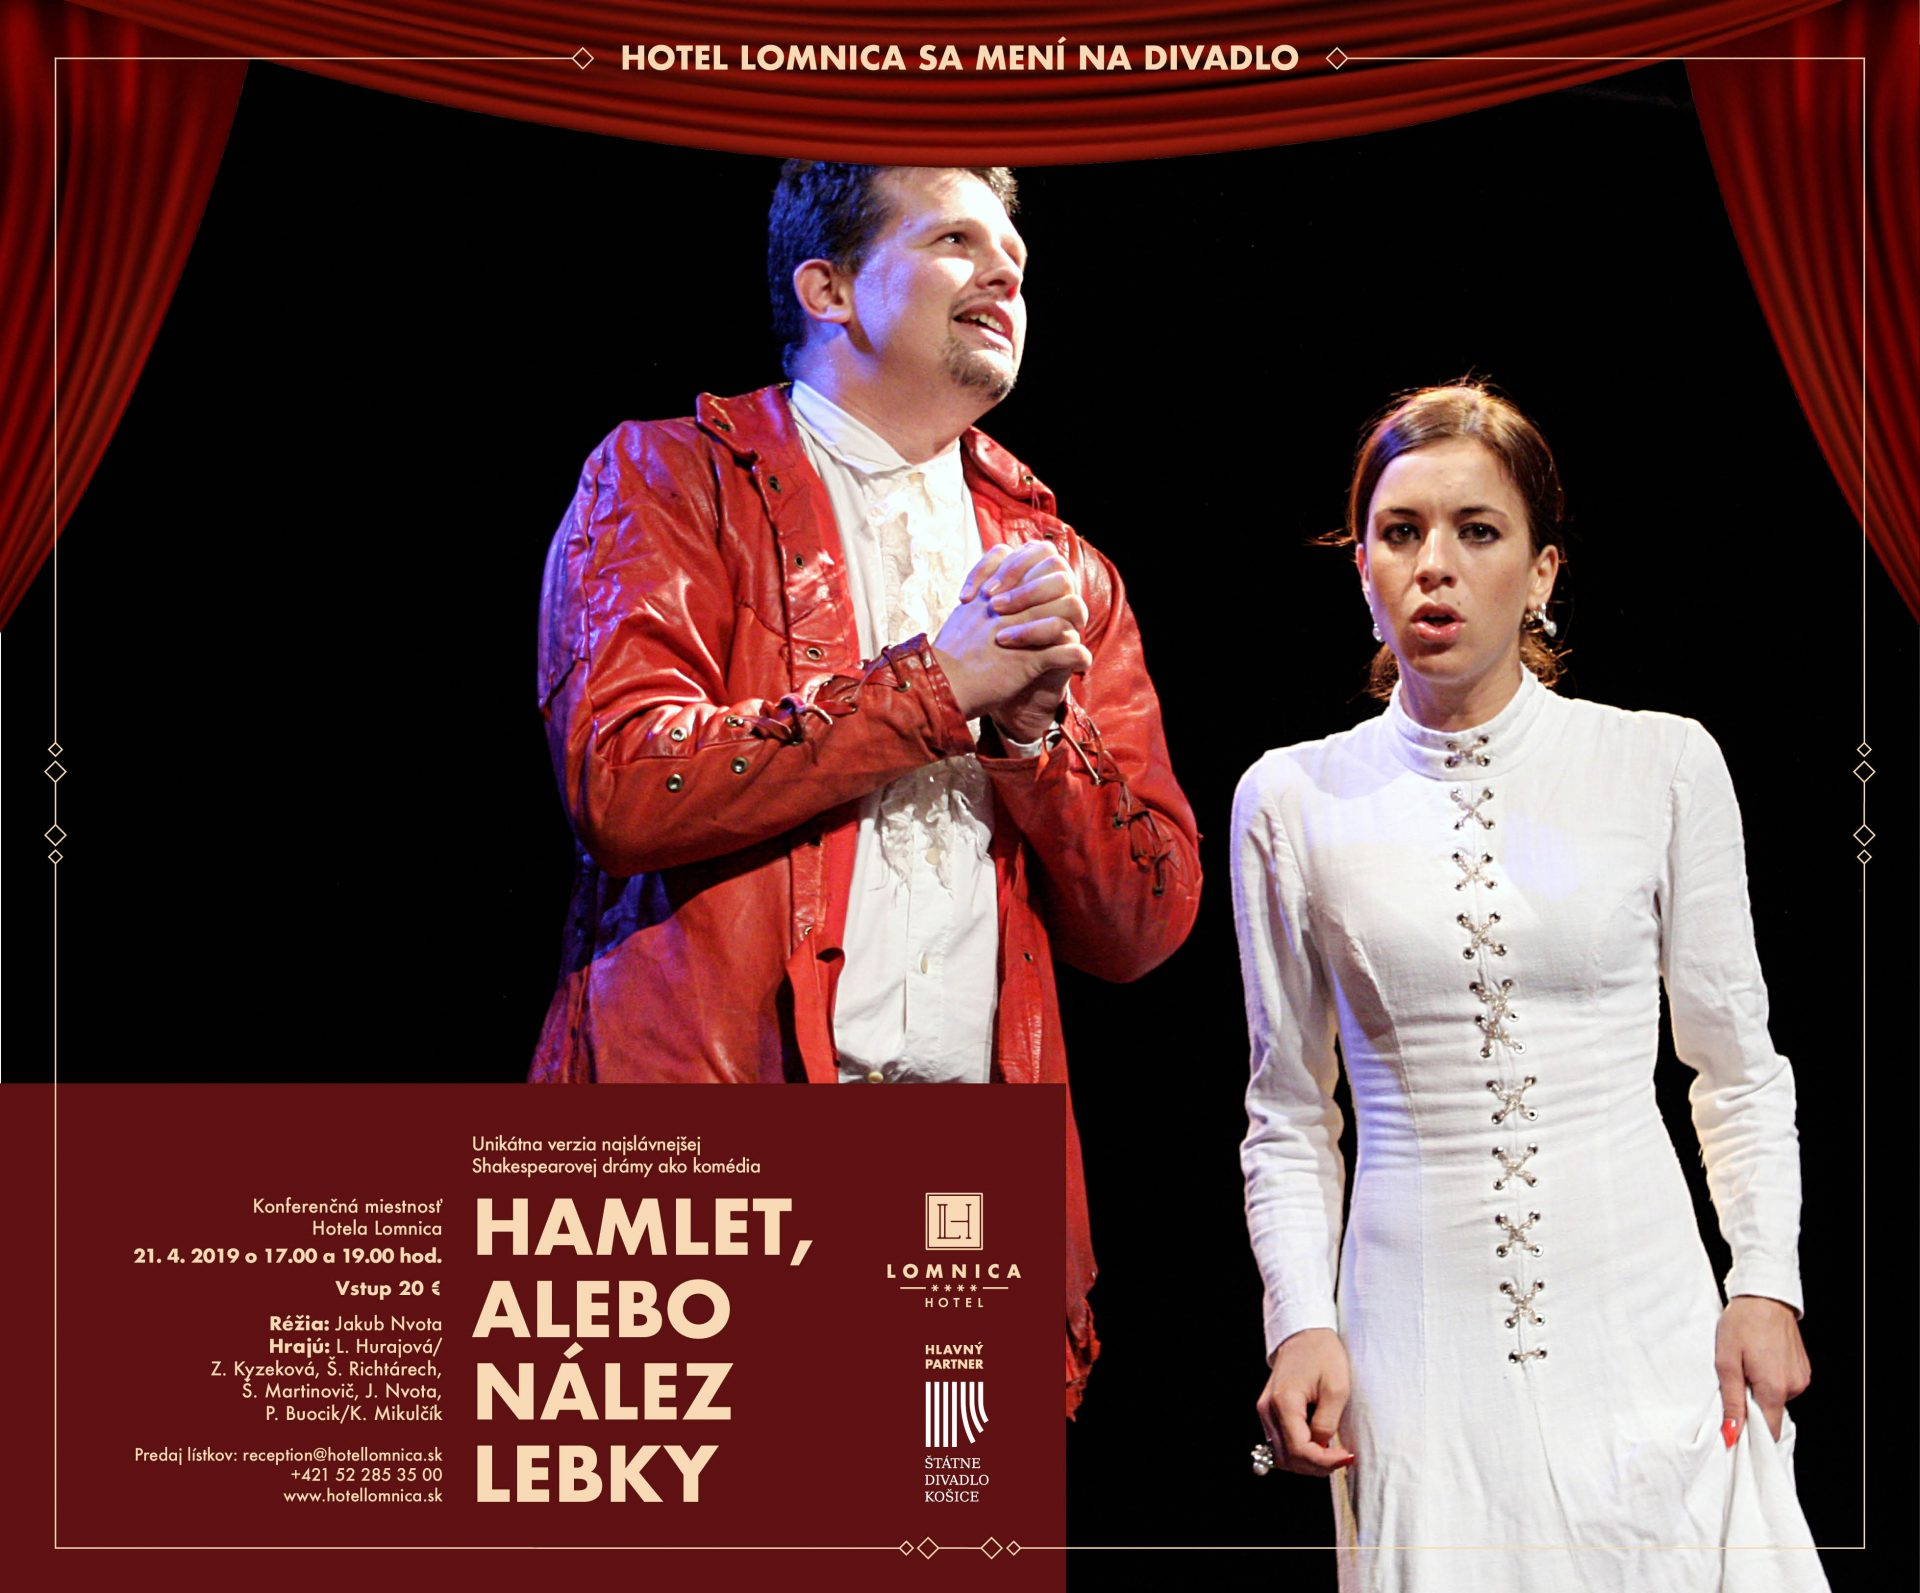 Hamlet alebo nález lebky